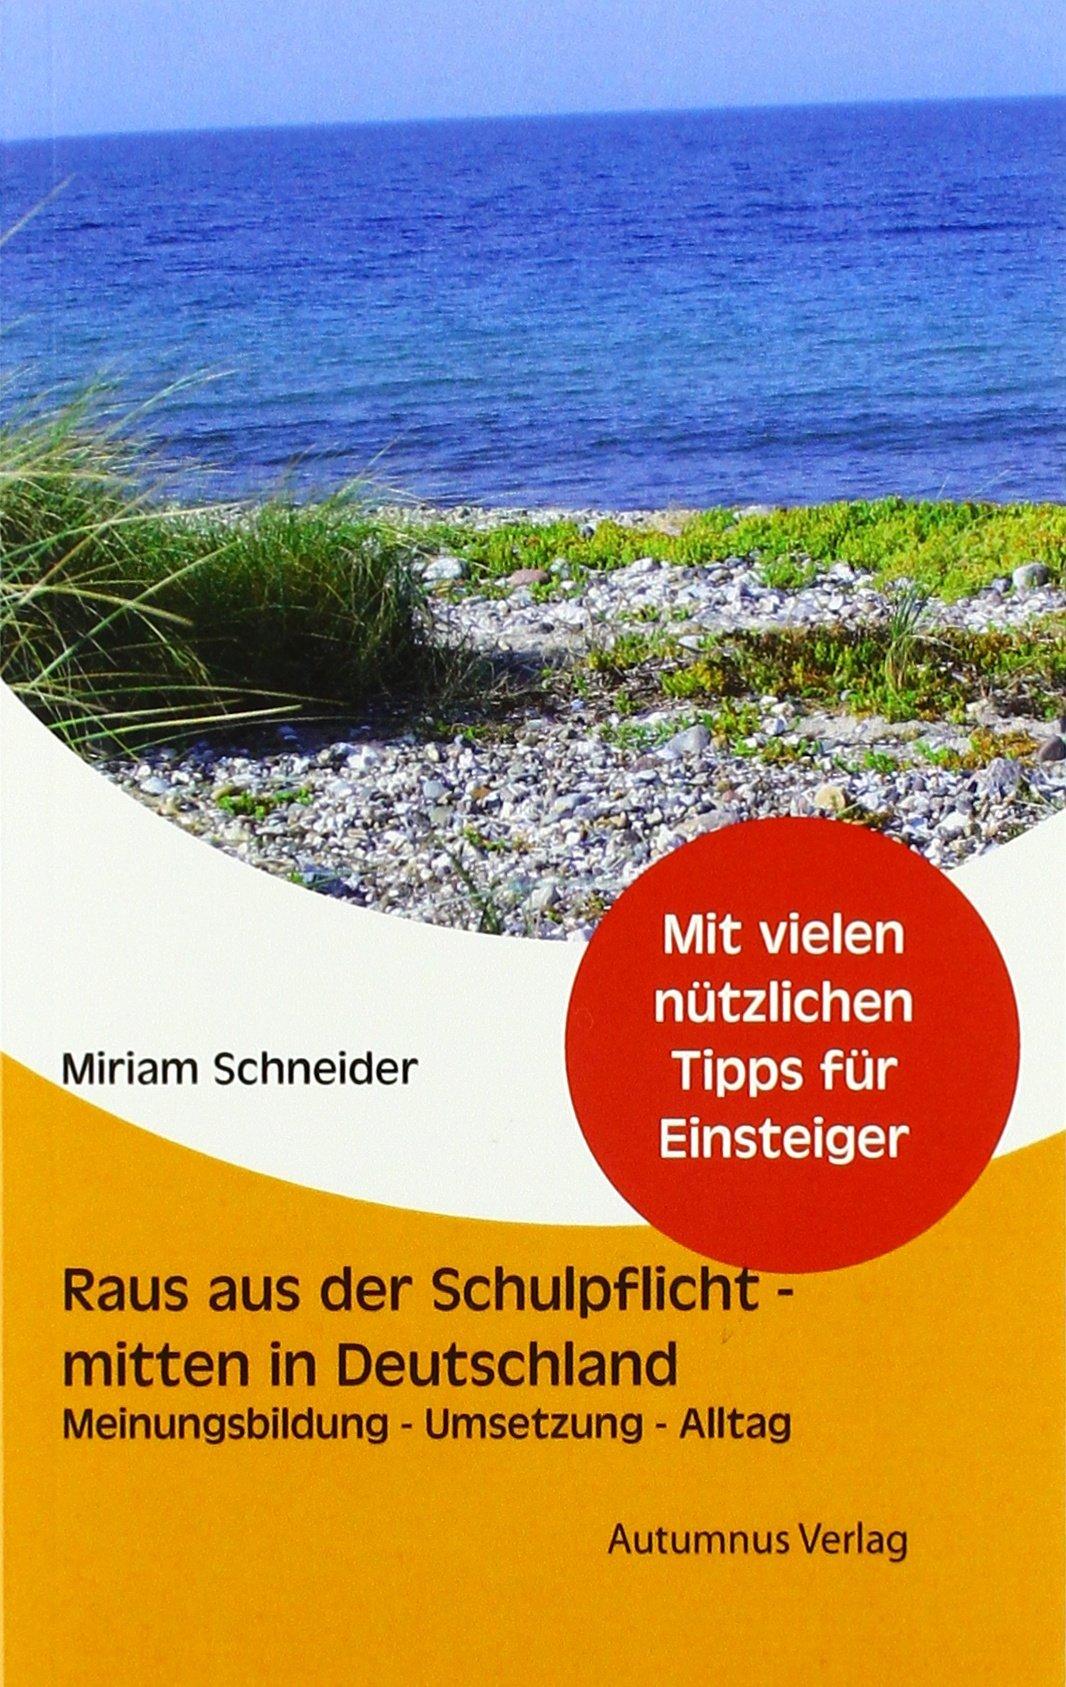 raus-aus-der-schulpflicht-mitten-in-deutschland-meinungsbildung-umsetzung-alltag